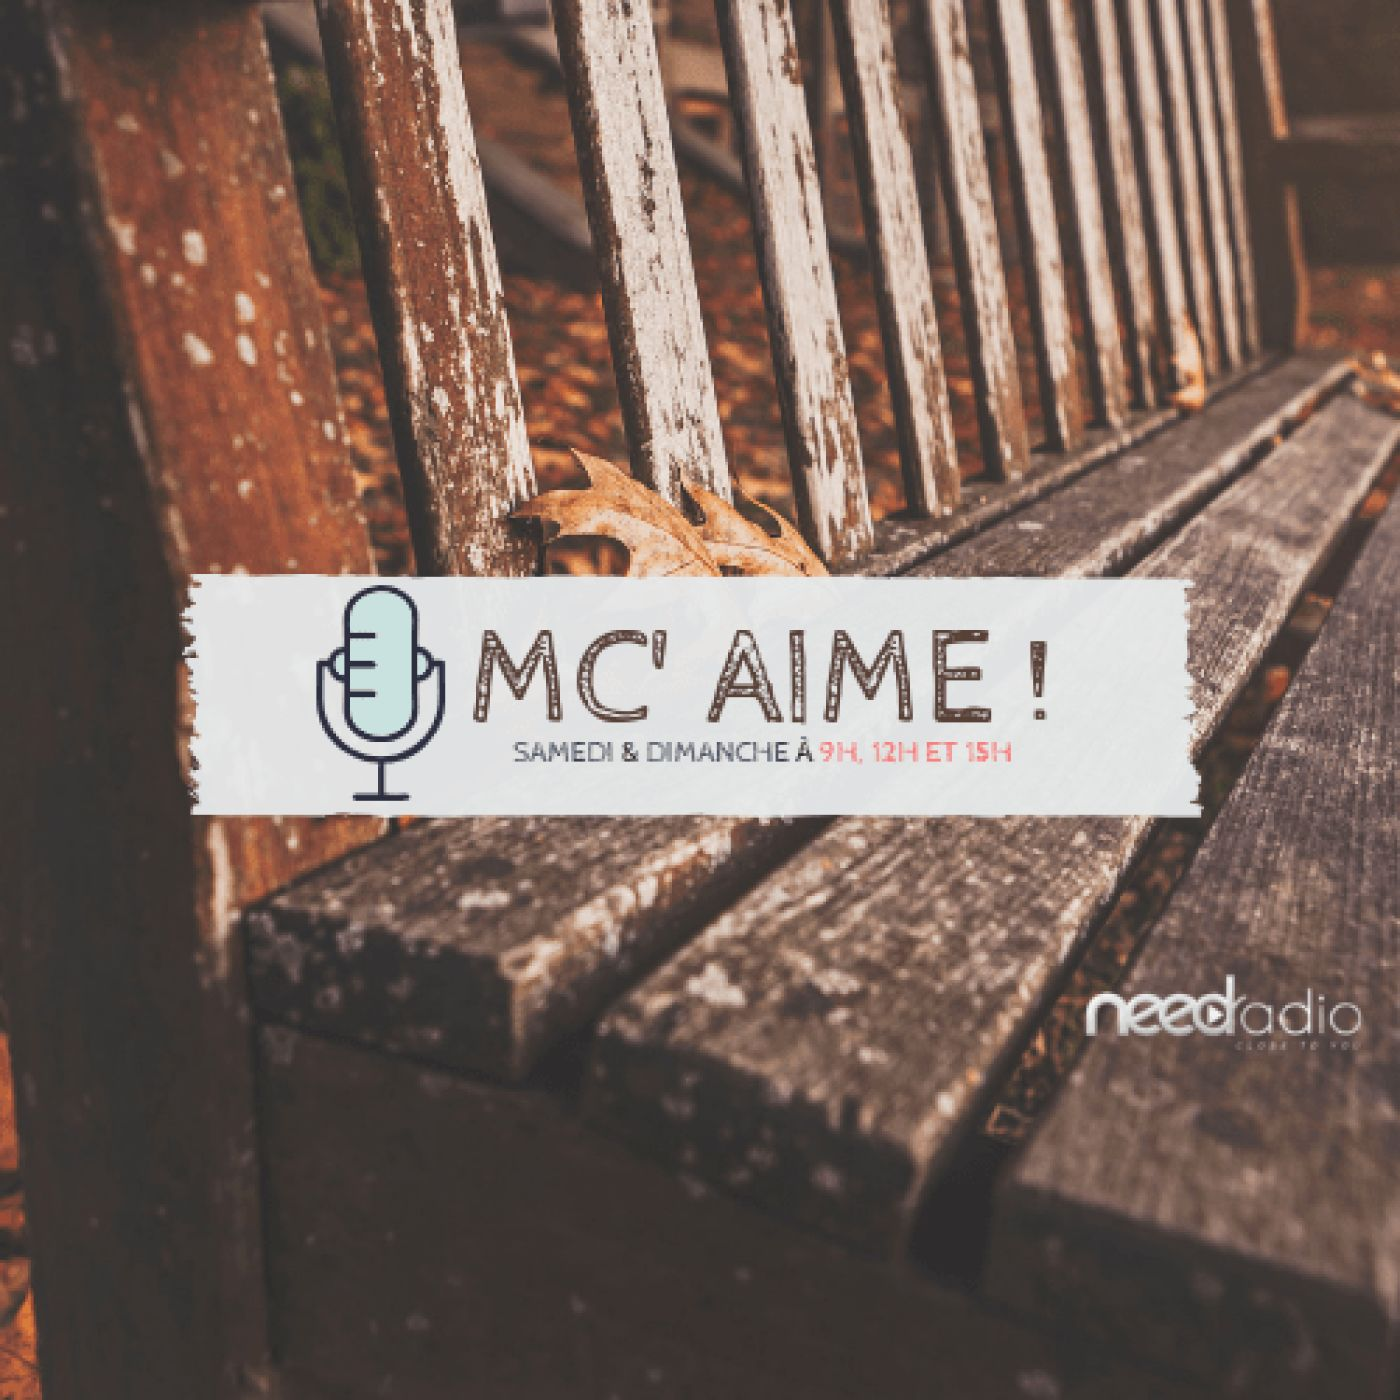 MC' Aime - Every Stone Should Cry et [Apokatastasis] au musée de la Chasse (12/05/19)